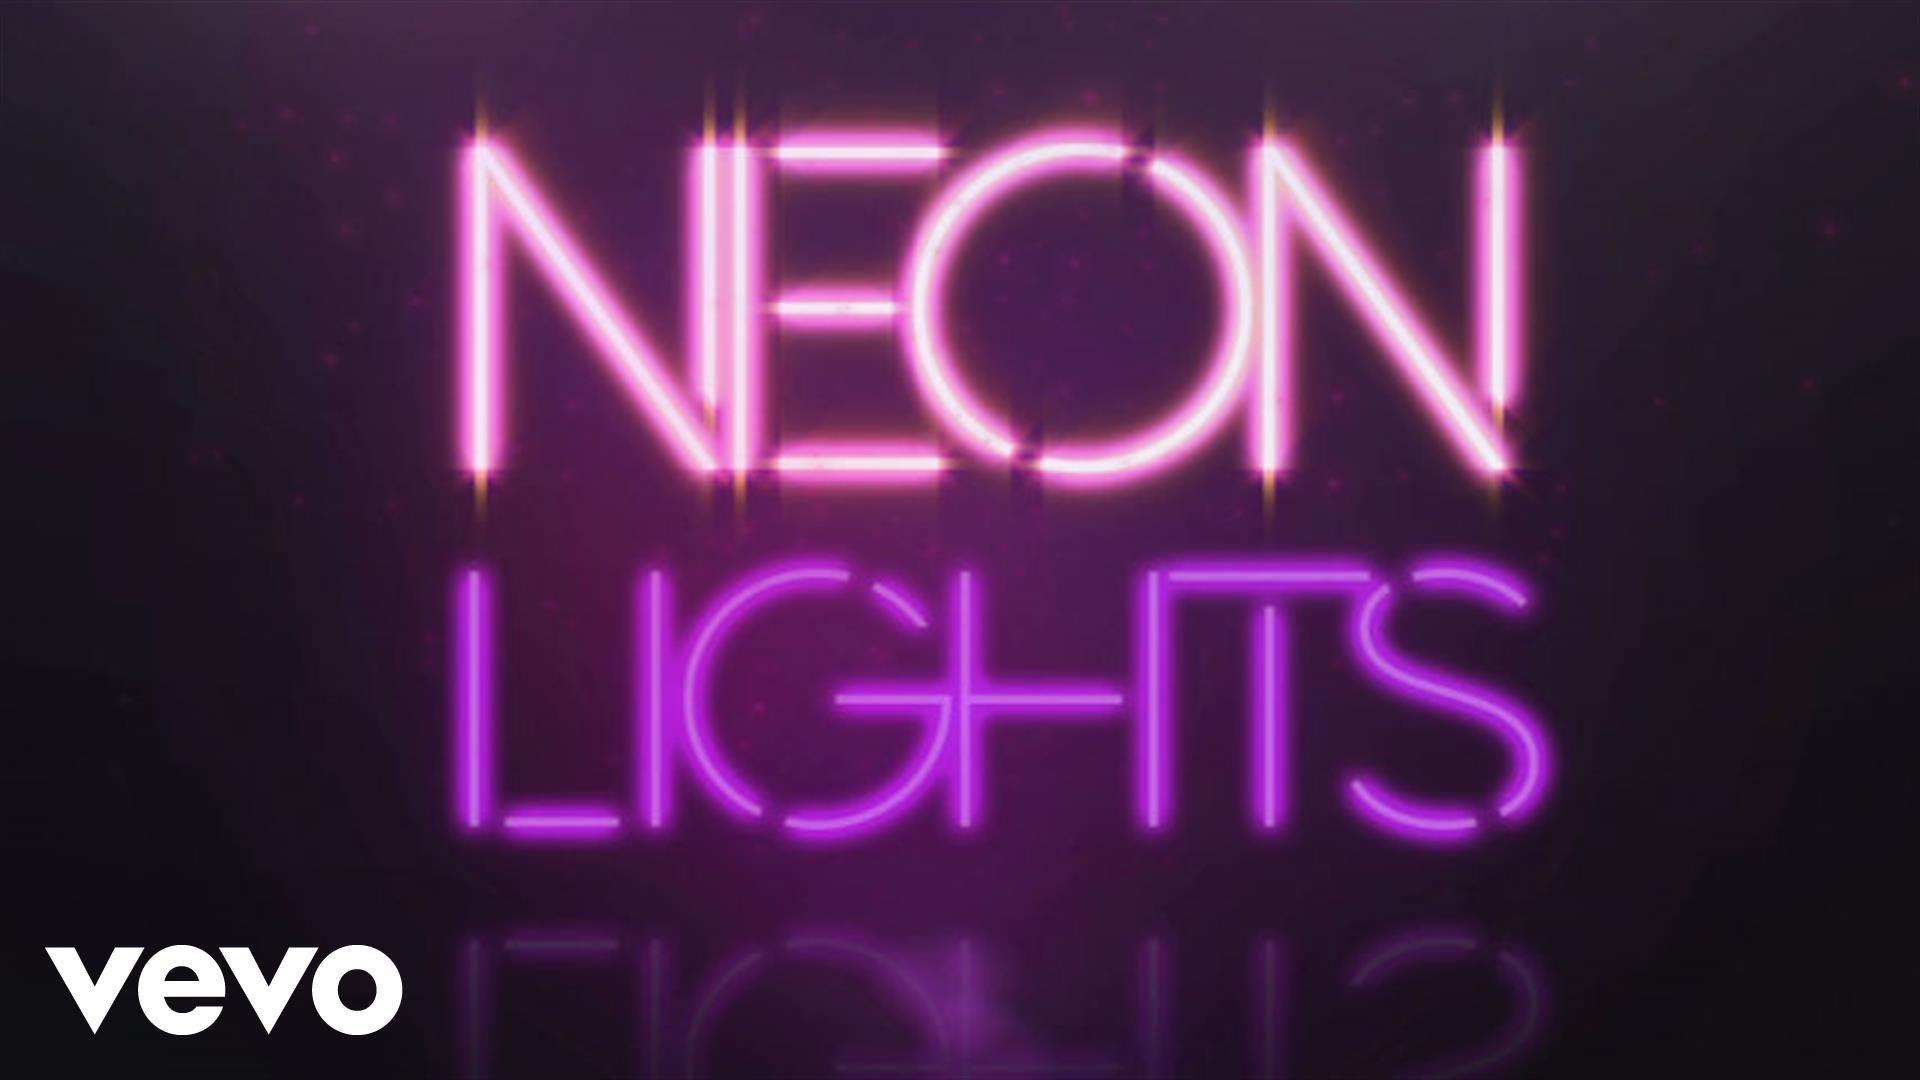 18bd50550c6d4 Neon lights by kittlitt - Flipsnack